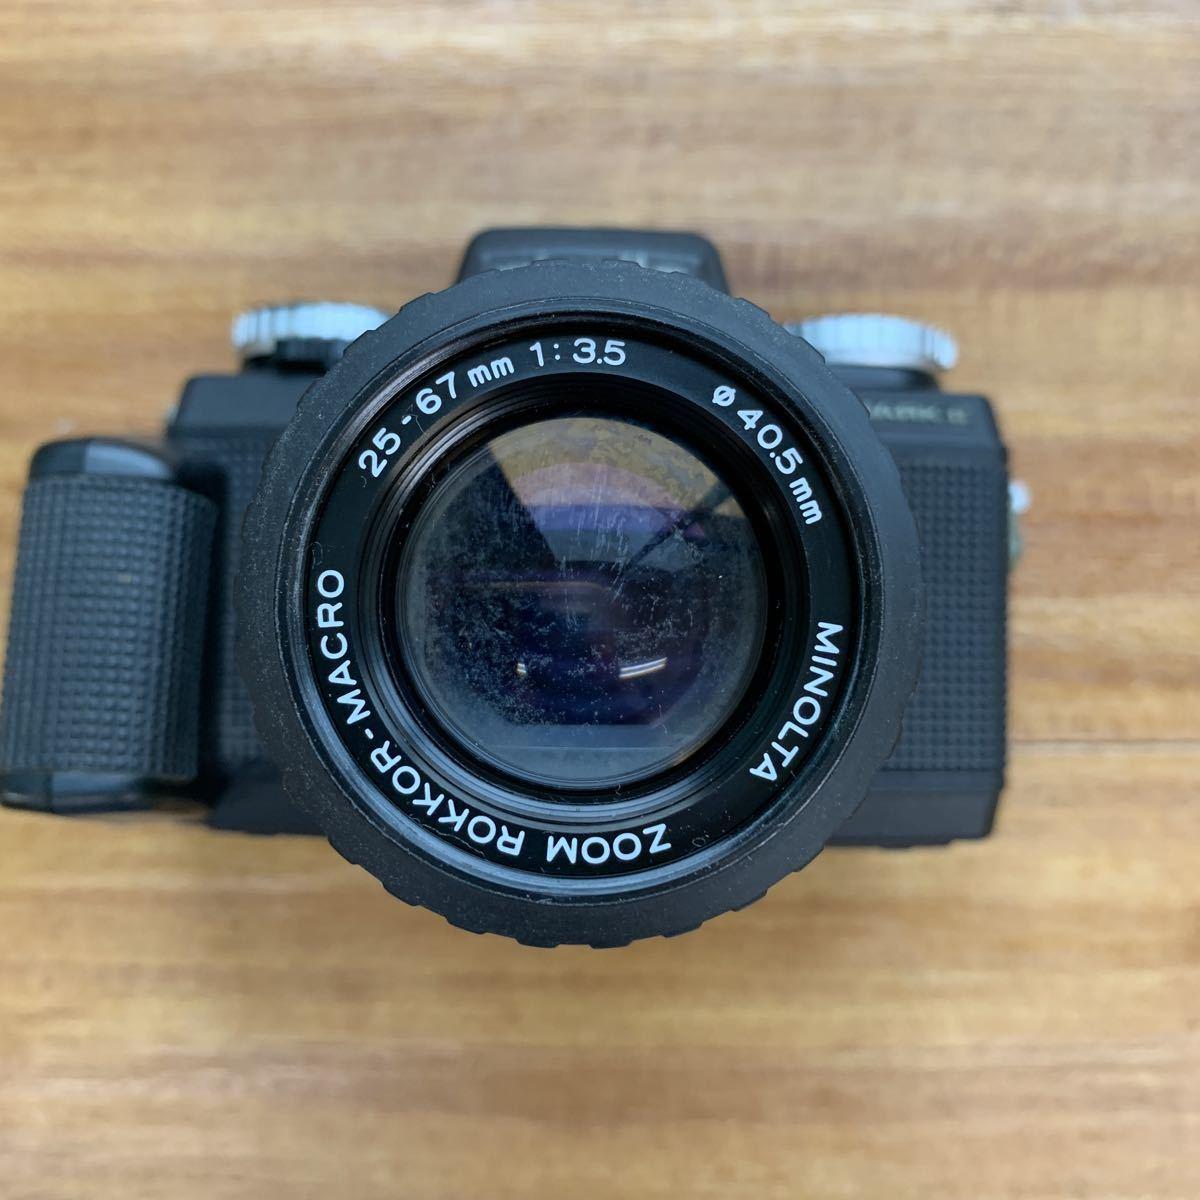 返品不可 ジャンク Nikon F 301 +minolta 110 zoom markⅡ 動作未確認 #j492_画像7